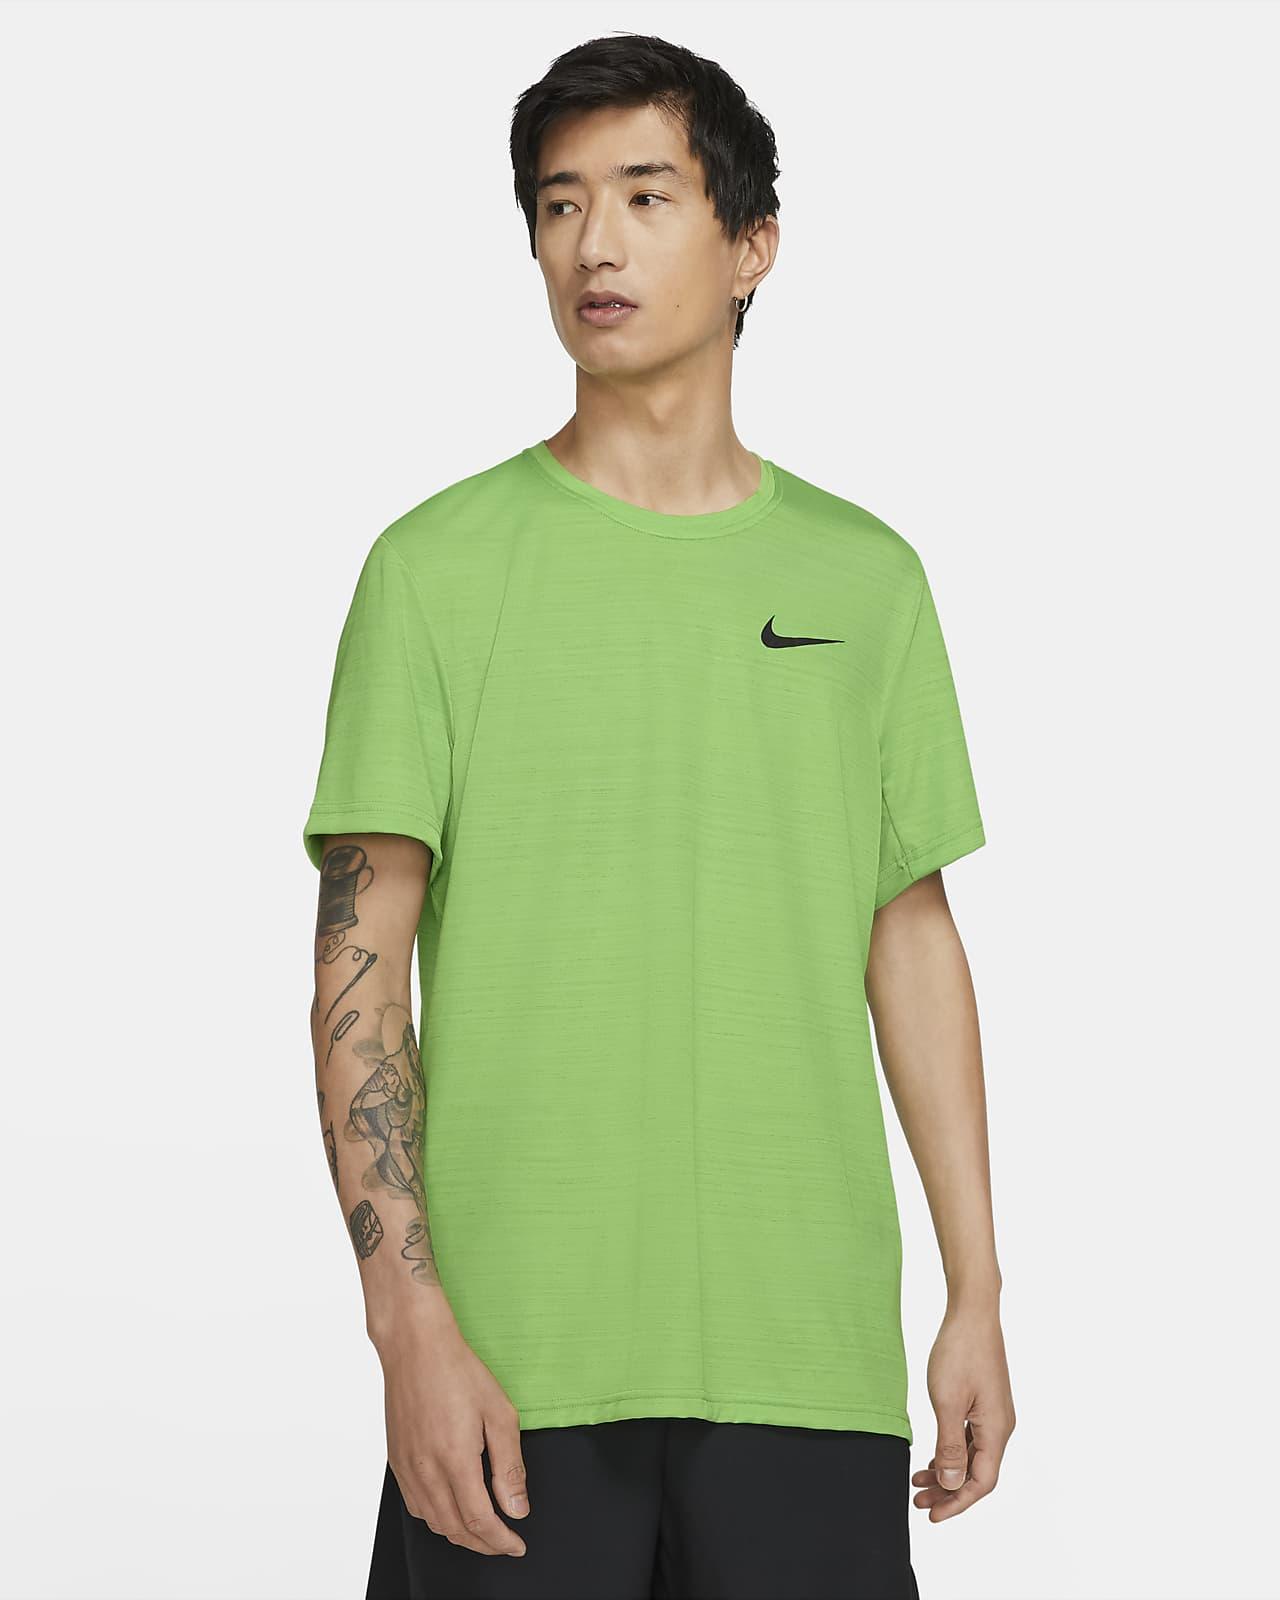 Ανδρική κοντομάνικη μπλούζα προπόνησης Nike Dri-FIT Superset